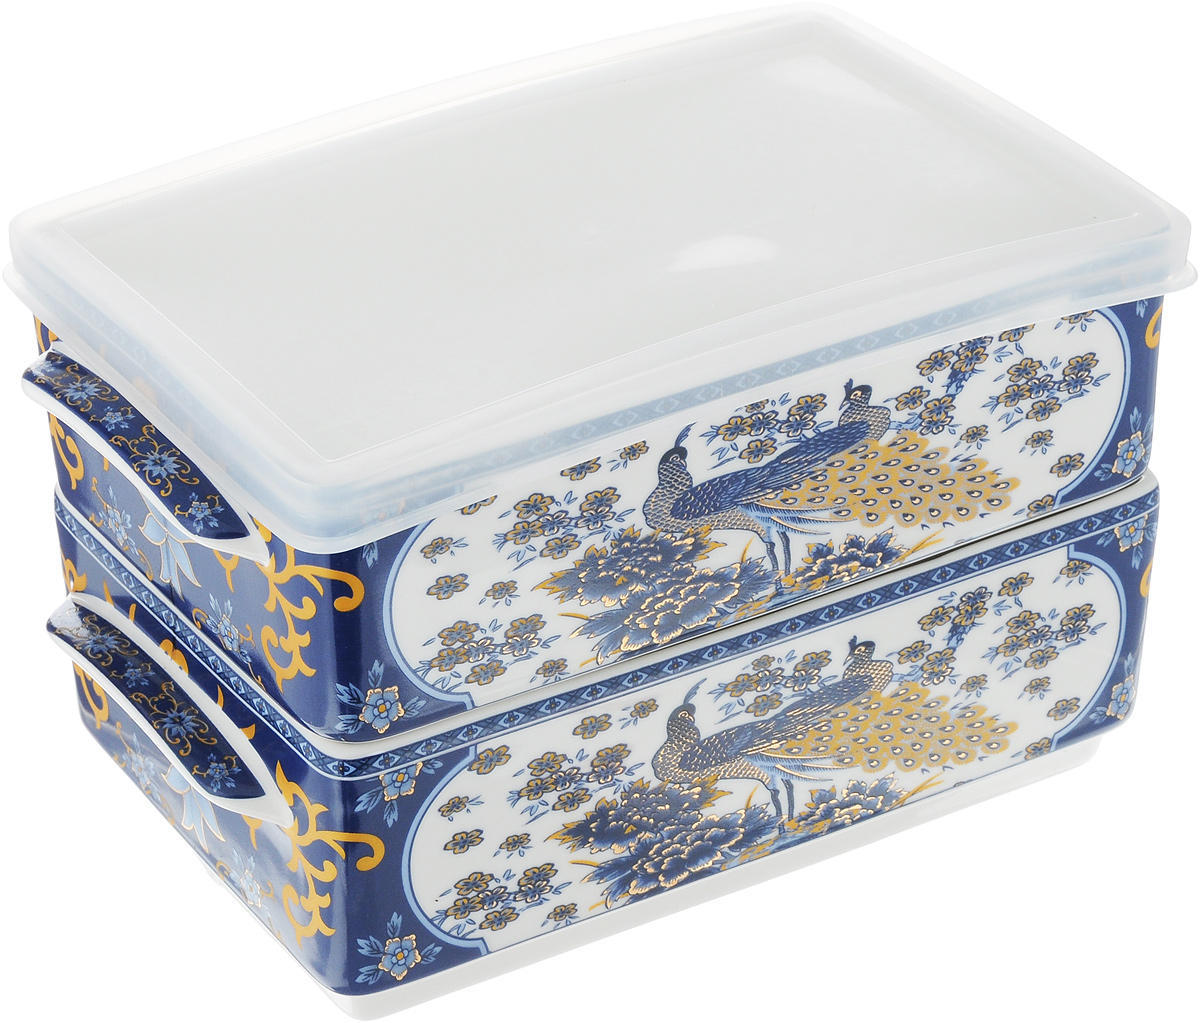 Набор блюд для холодца Elan Gallery Павлин синий, 800 мл, 2 шт115510Блюда для холодца Elan Gallery Синий павлин, изготовленные из высококачественной керамики, предназначены для приготовления ихранения заливного или холодца. Пластиковая крышка, входящая в комплект, сохранит свежесть вашего блюда. Также блюда можноиспользовать для приготовления и хранения салатов. Изделия оформлены оригинальным рисунком. Такие блюда украсятсервировку вашего стола и подчеркнут прекрасный вкус хозяйки.Не рекомендуется применять абразивные моющие средства. Не использовать в микроволновой печи. Размер блюд (без учета ручек и крышки): 17,2 х 11,5 х 6 см.Объем блюд: 800 мл.